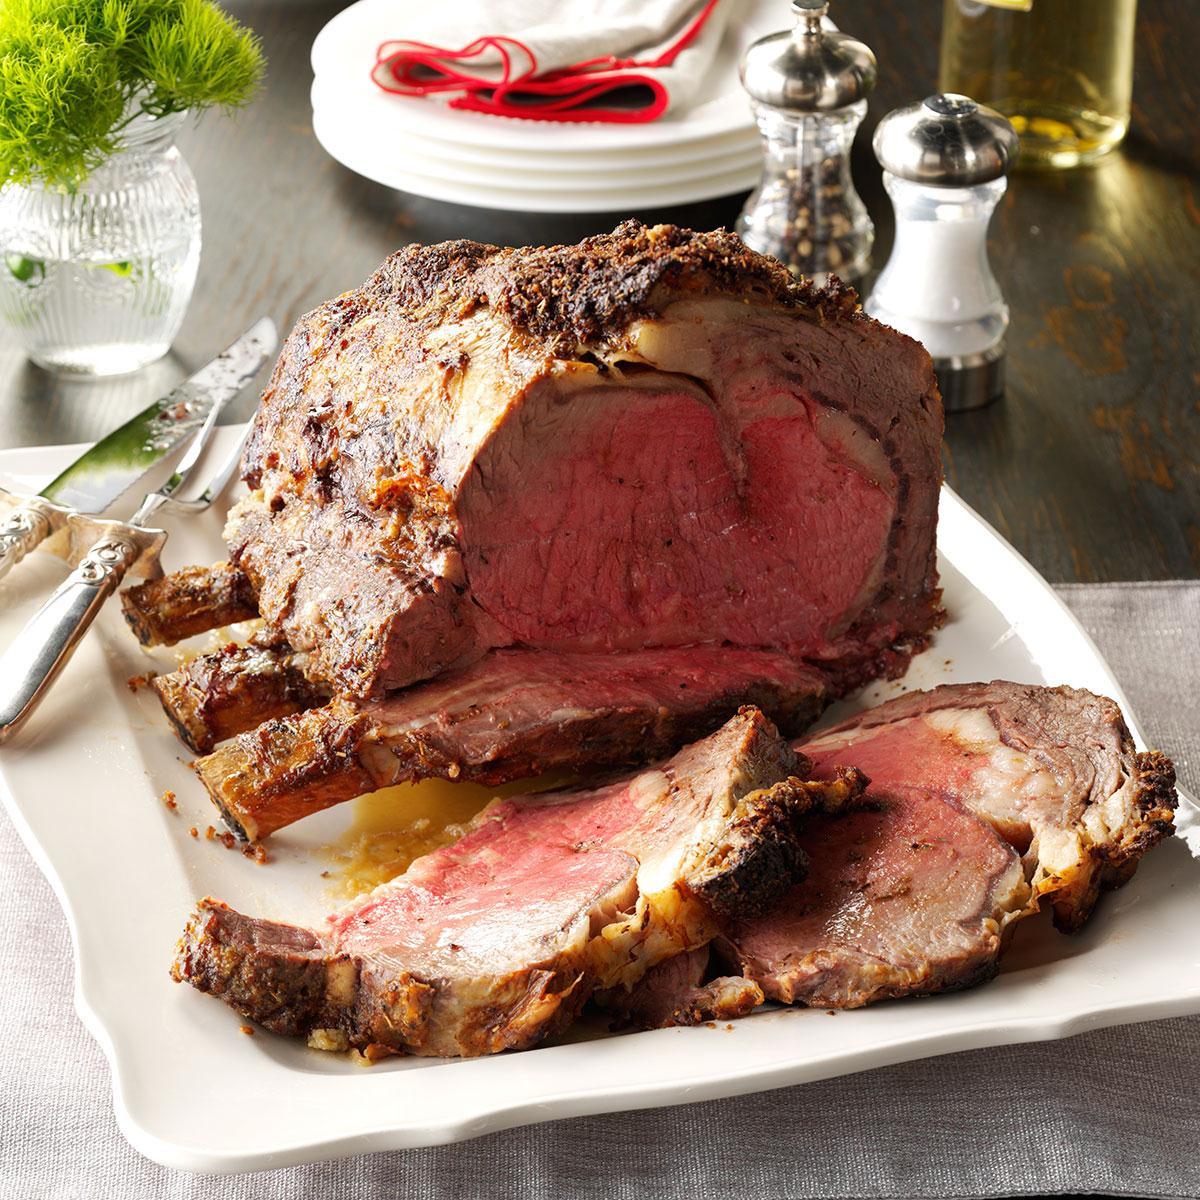 Easter Prime Rib Dinner  Restaurant Style Prime Rib Recipe